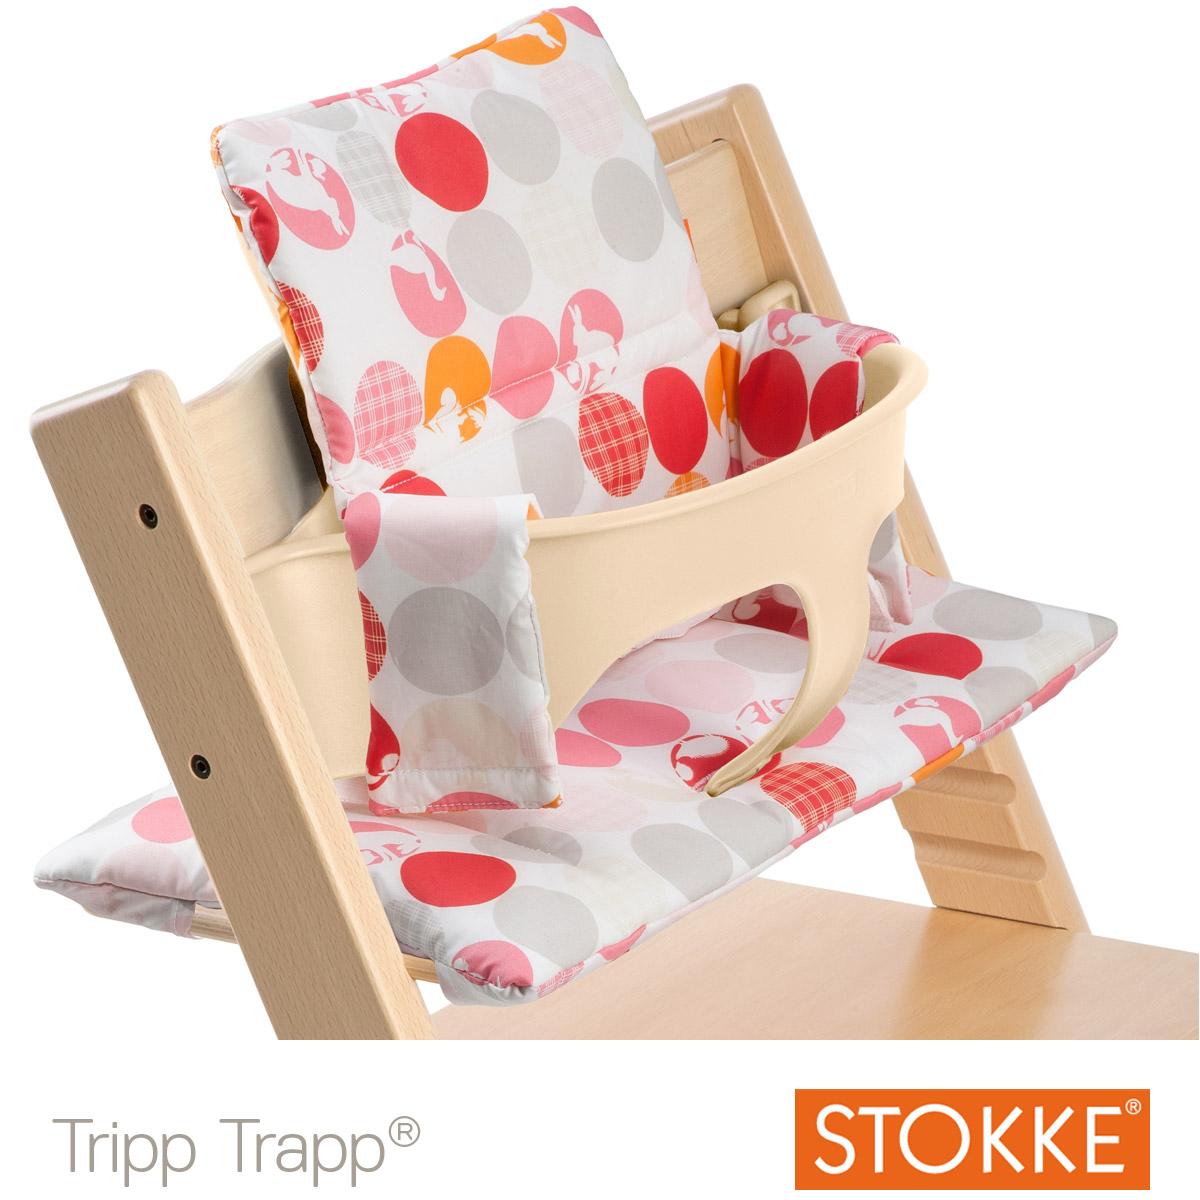 Coussin de chaise Tripp Trapp® de Stokke®, Coussins de chaise